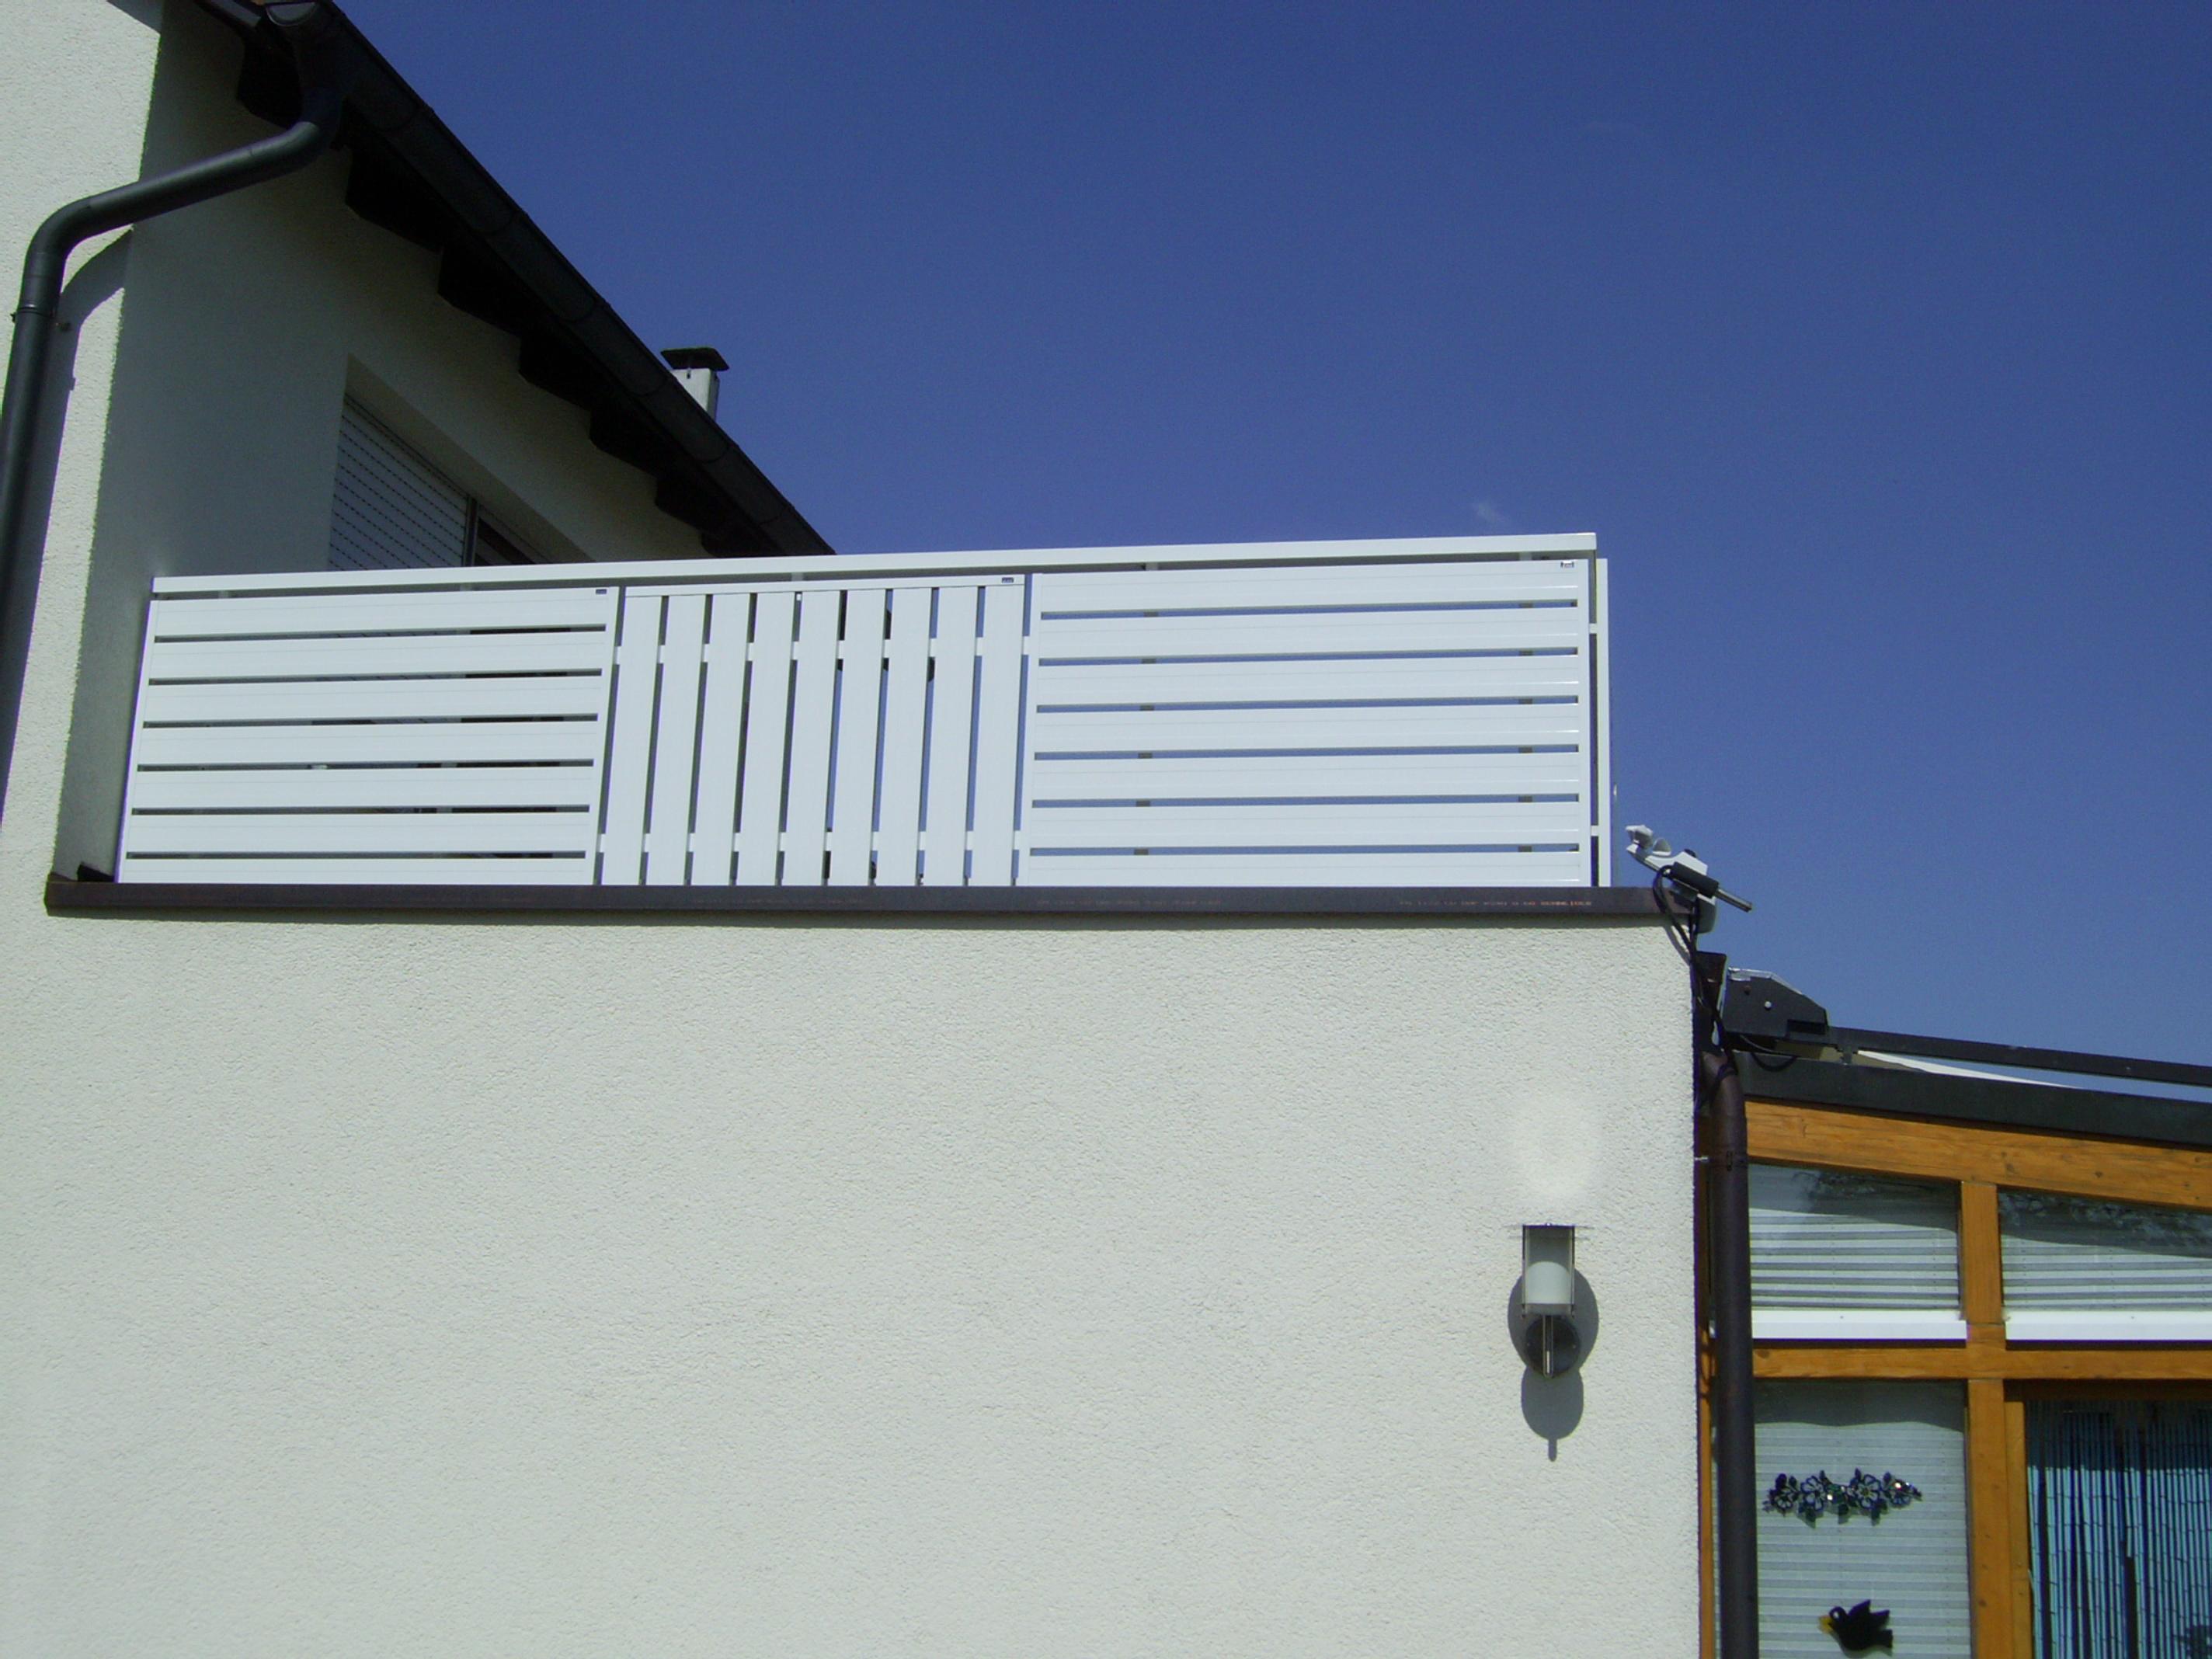 Dachterrasse mit einer neuen seitlicher Terrassenverkleidung.